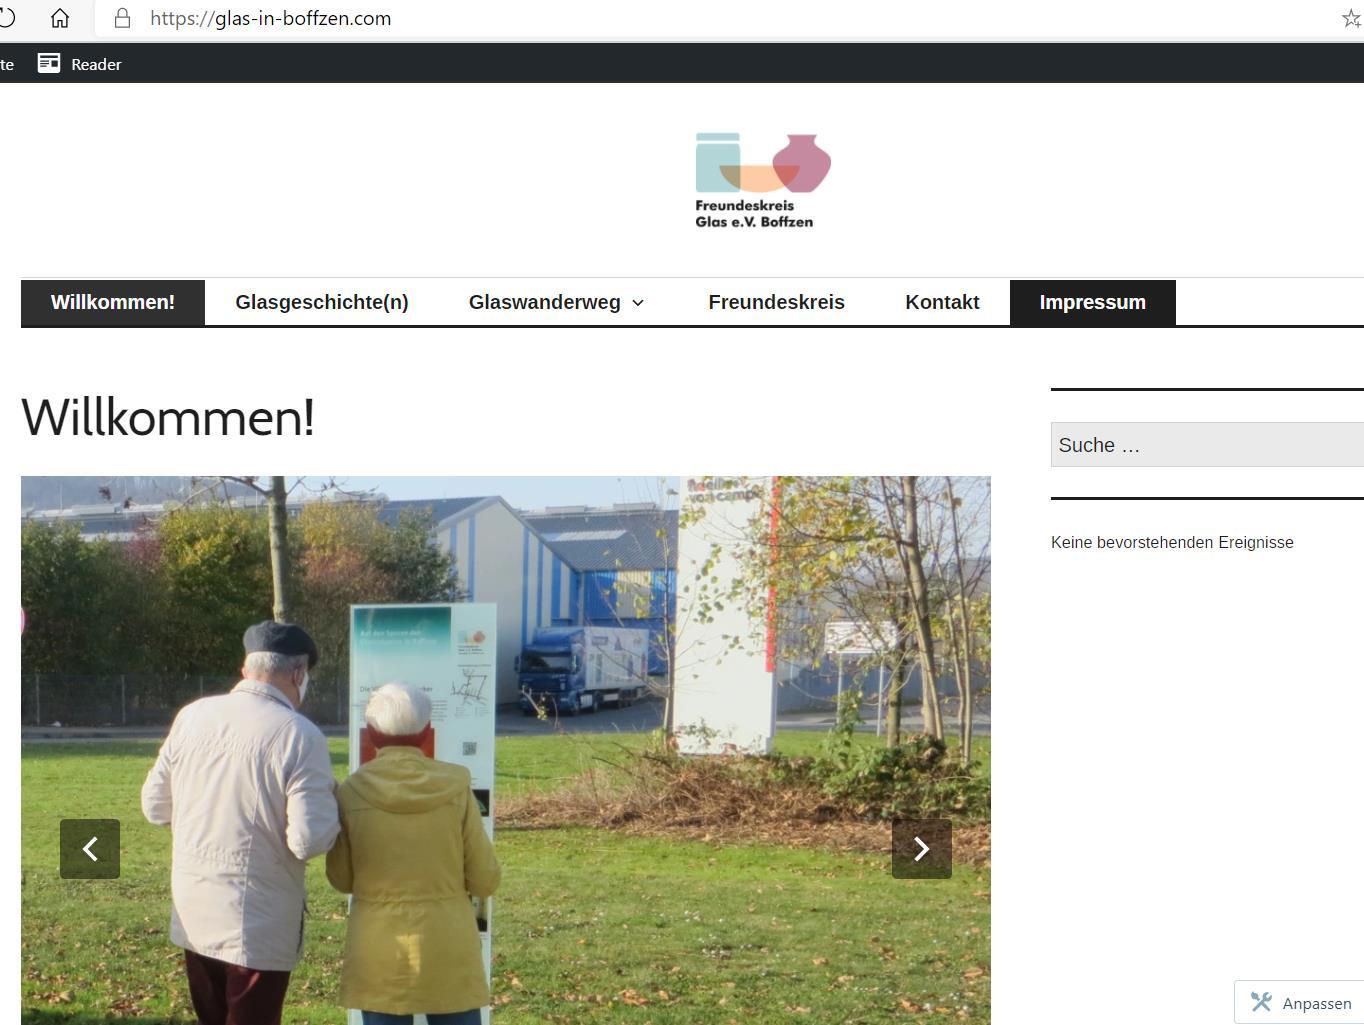 10_Glas-in-Boffzen_Website_Freundeskreis-Glas-Boffzen_Glasstelenweg